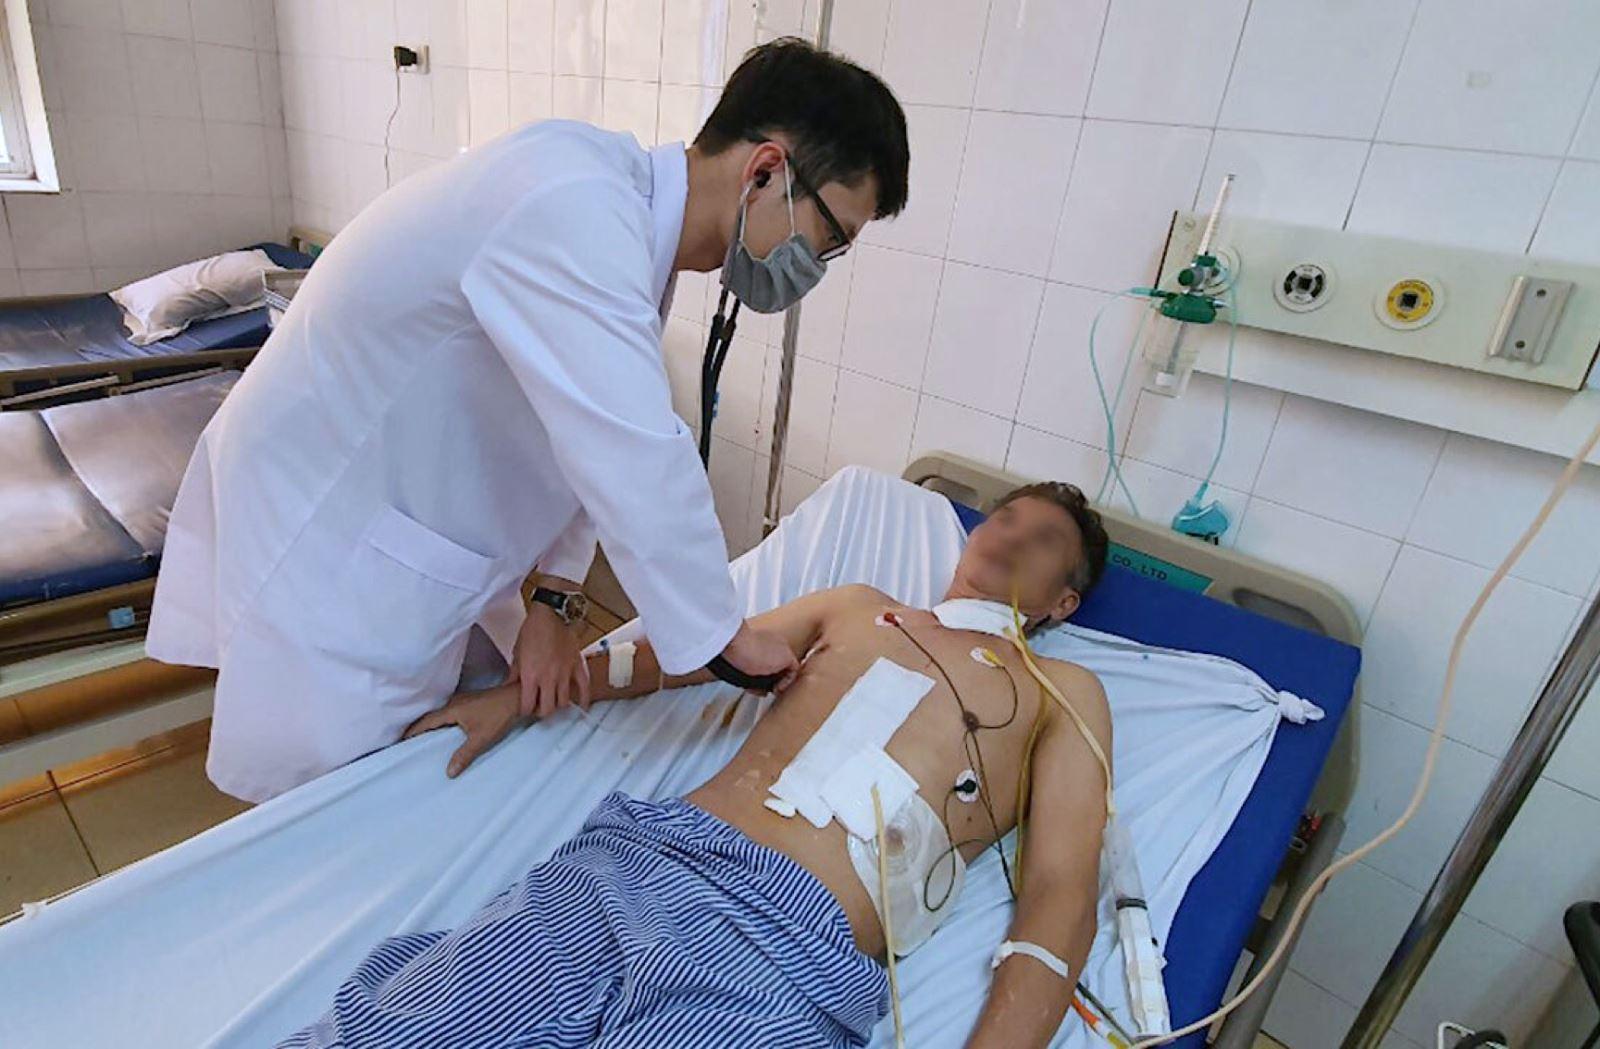 Khoa Ngoại tổng hợp Bệnh viện 19-8 cắt thực quản cho bệnh nhân ung thư bằng phương pháp nội soi